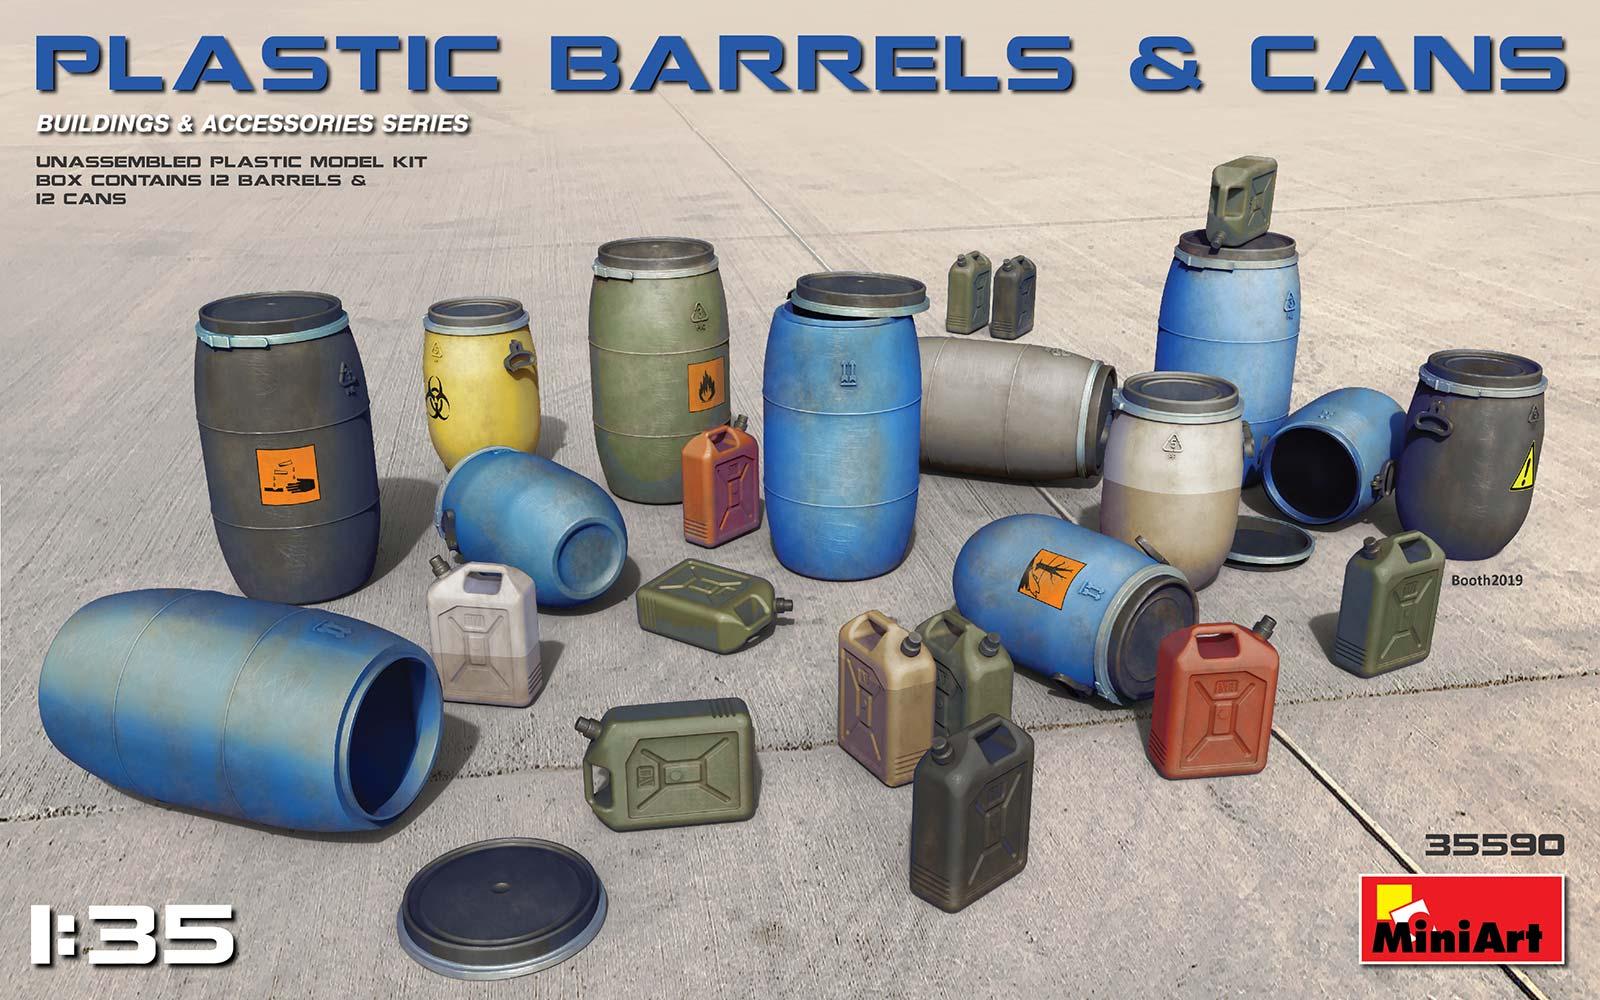 1/35 PLASTIC BARRELS & CANS 35590